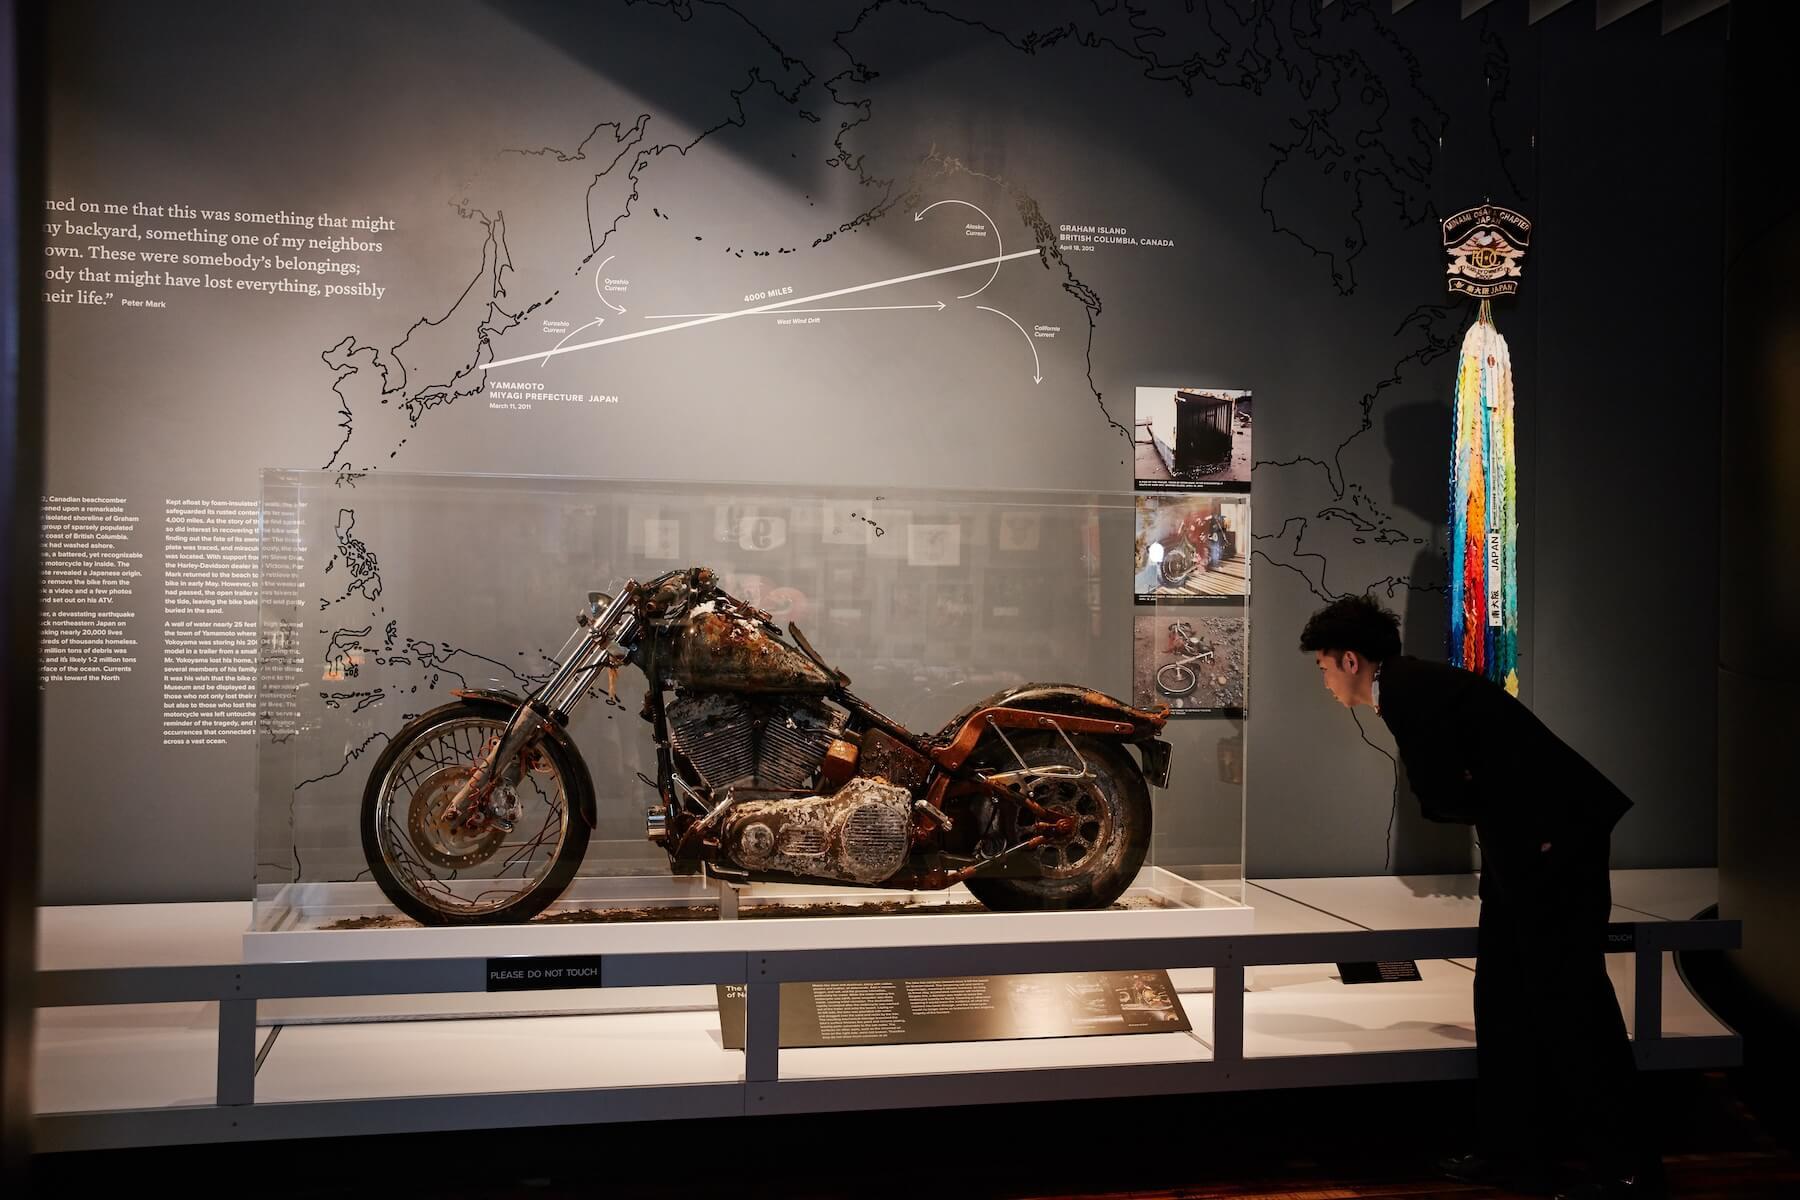 3.11を世界に伝える奇跡の「TSUNAMIハーレー」、ピース綾部のインタビューレポートが『FREEDOM MAGAZINE』で公開 culture210311_Harley-Davidson-02